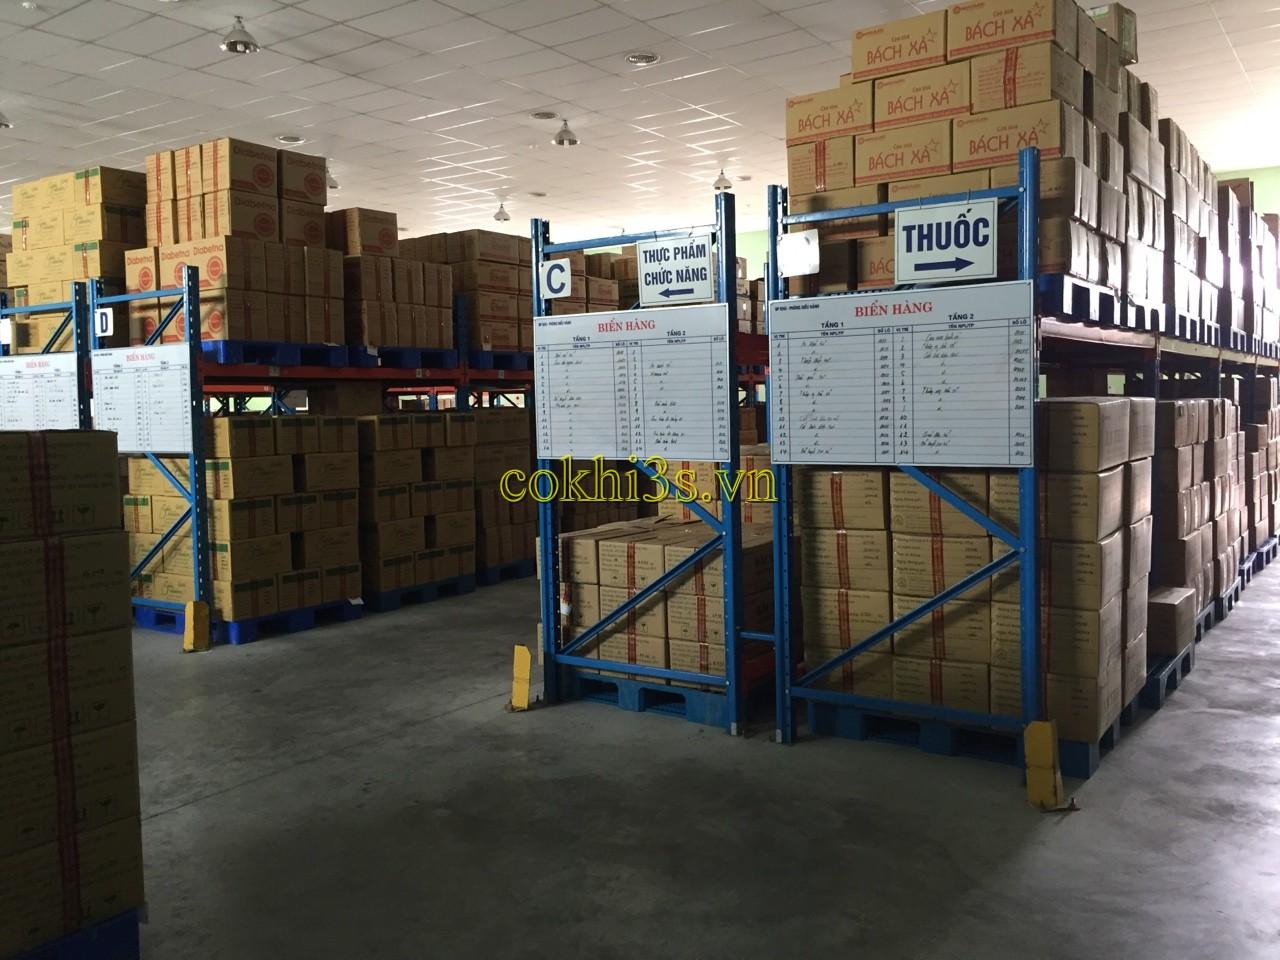 Tìm hiểu mẫu kệ để hàng hạng nặng trong nhà kho